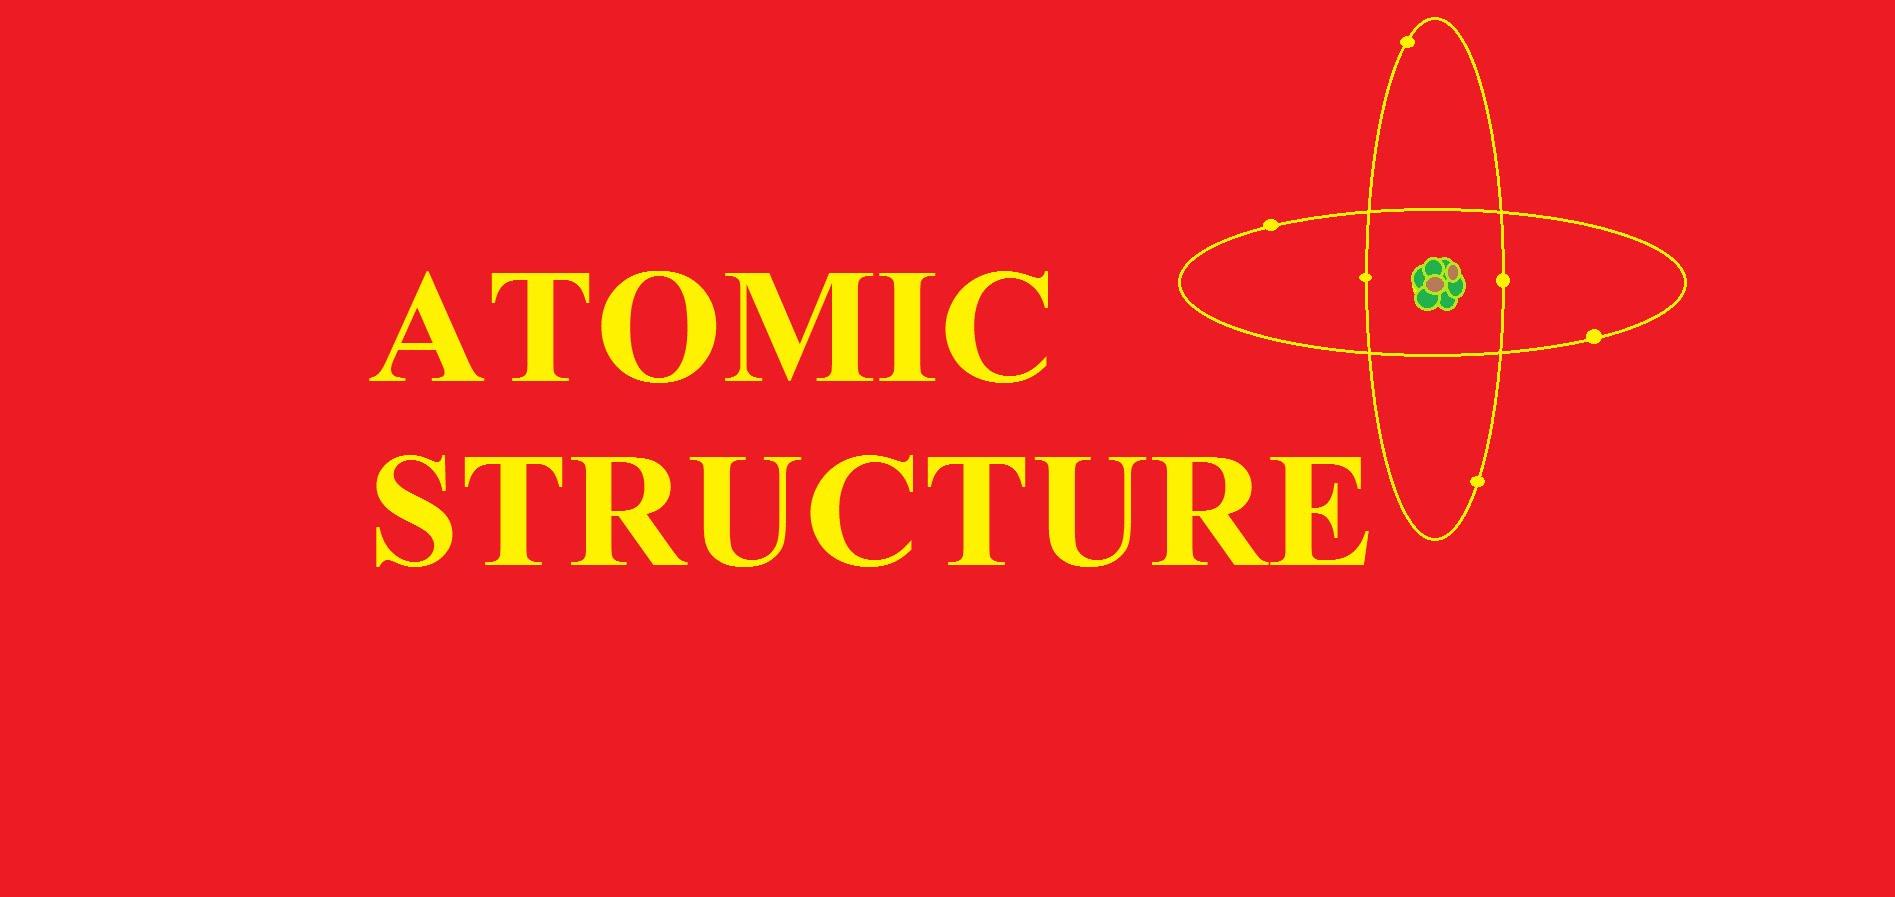 structure-proton-martial